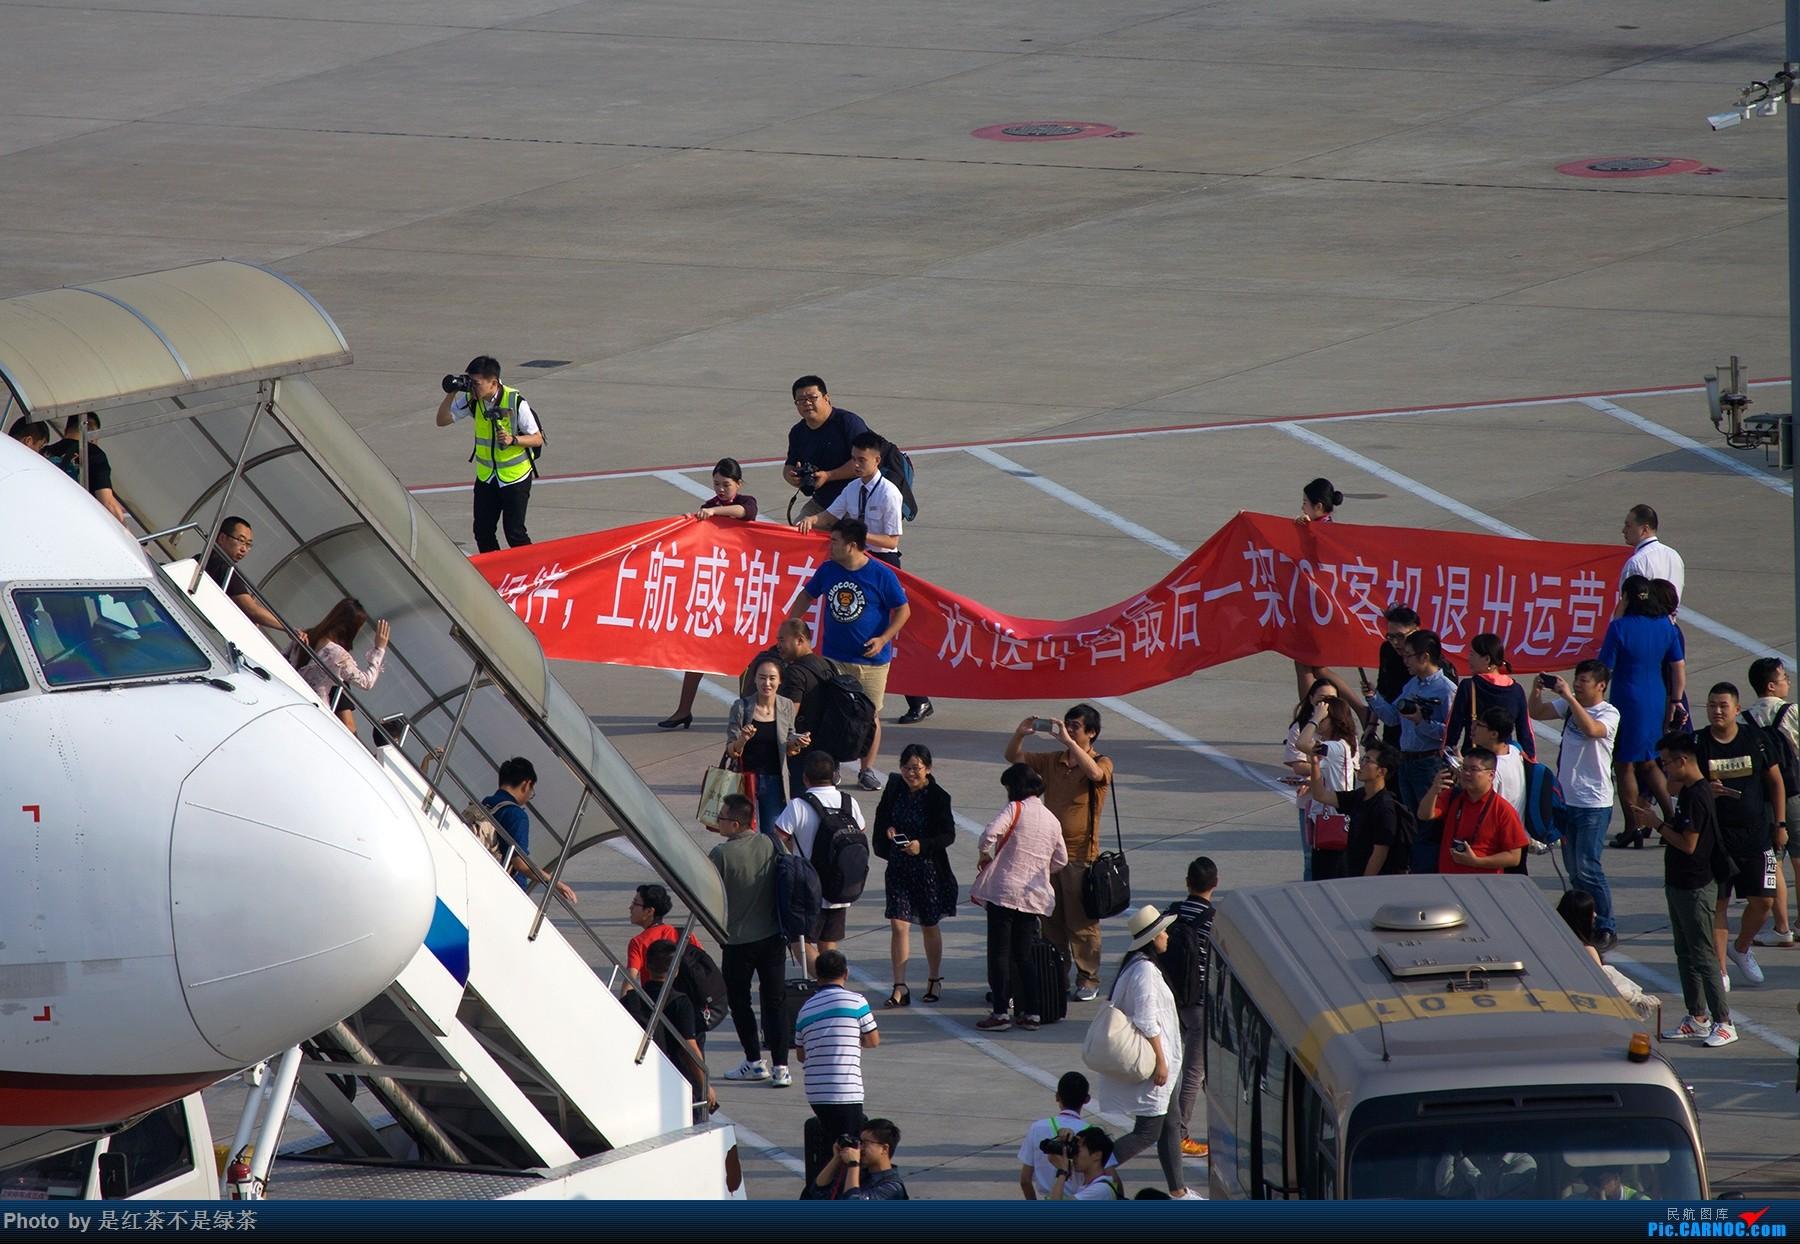 Re:[原创]【红茶拍机】25年相伴,上航感谢有你!欢送中国最后一架767客机退出运营! BOEING 767-300 B-2570 中国上海虹桥国际机场